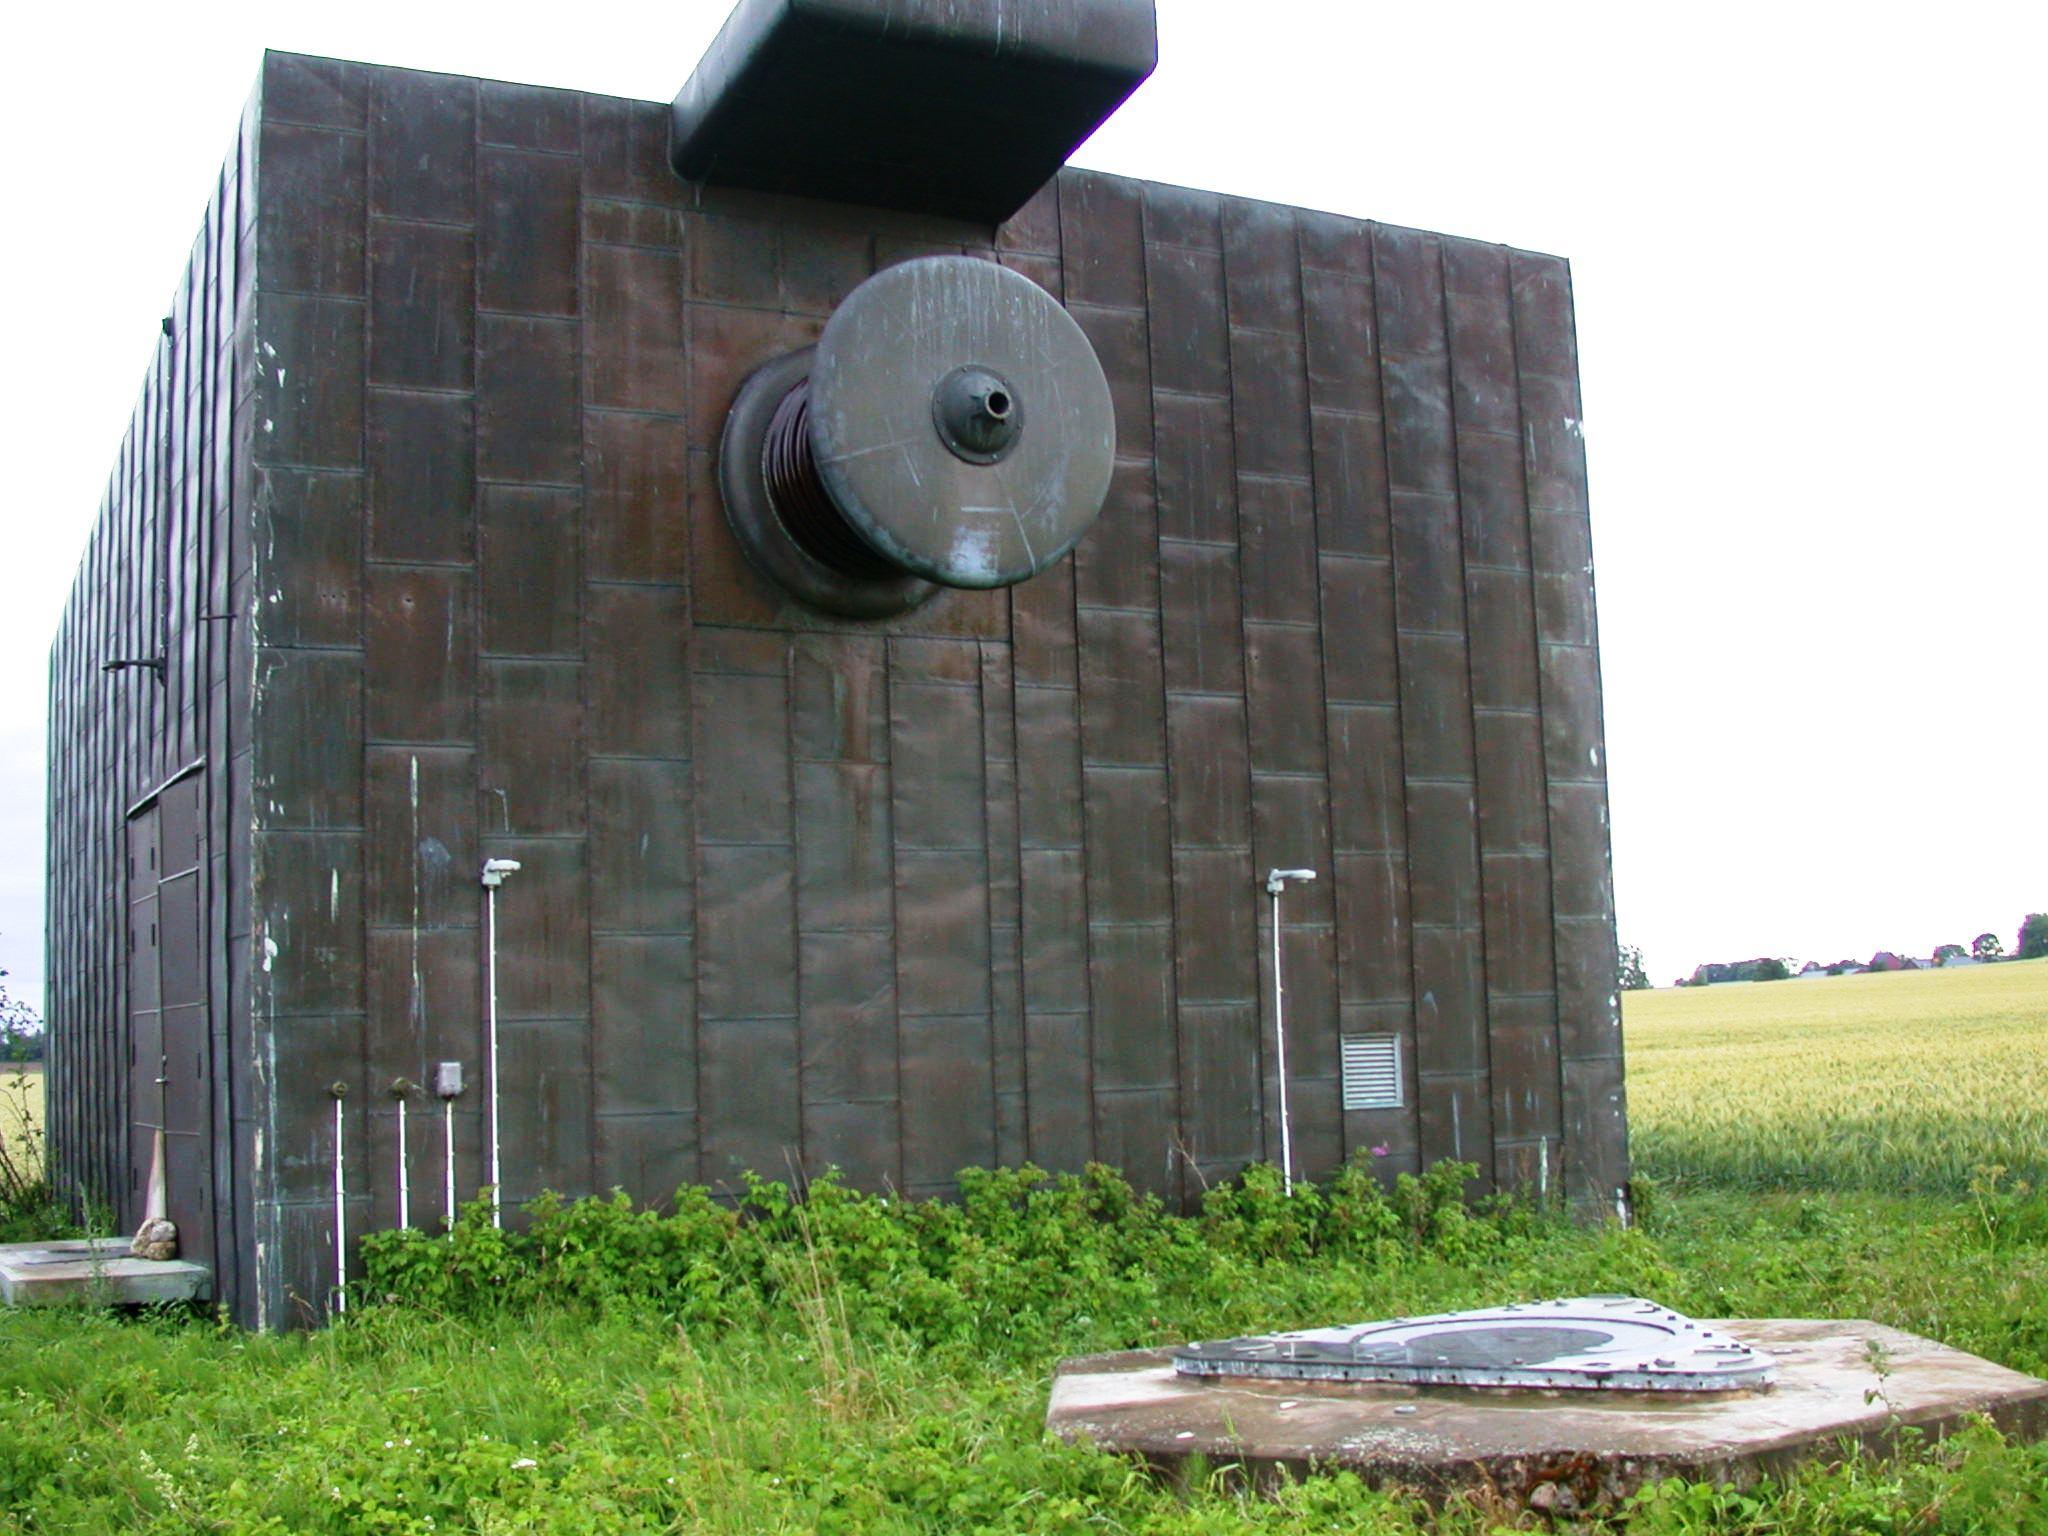 File:Antenna feeder house Orlunda LW transmitter Motala Sweden 002